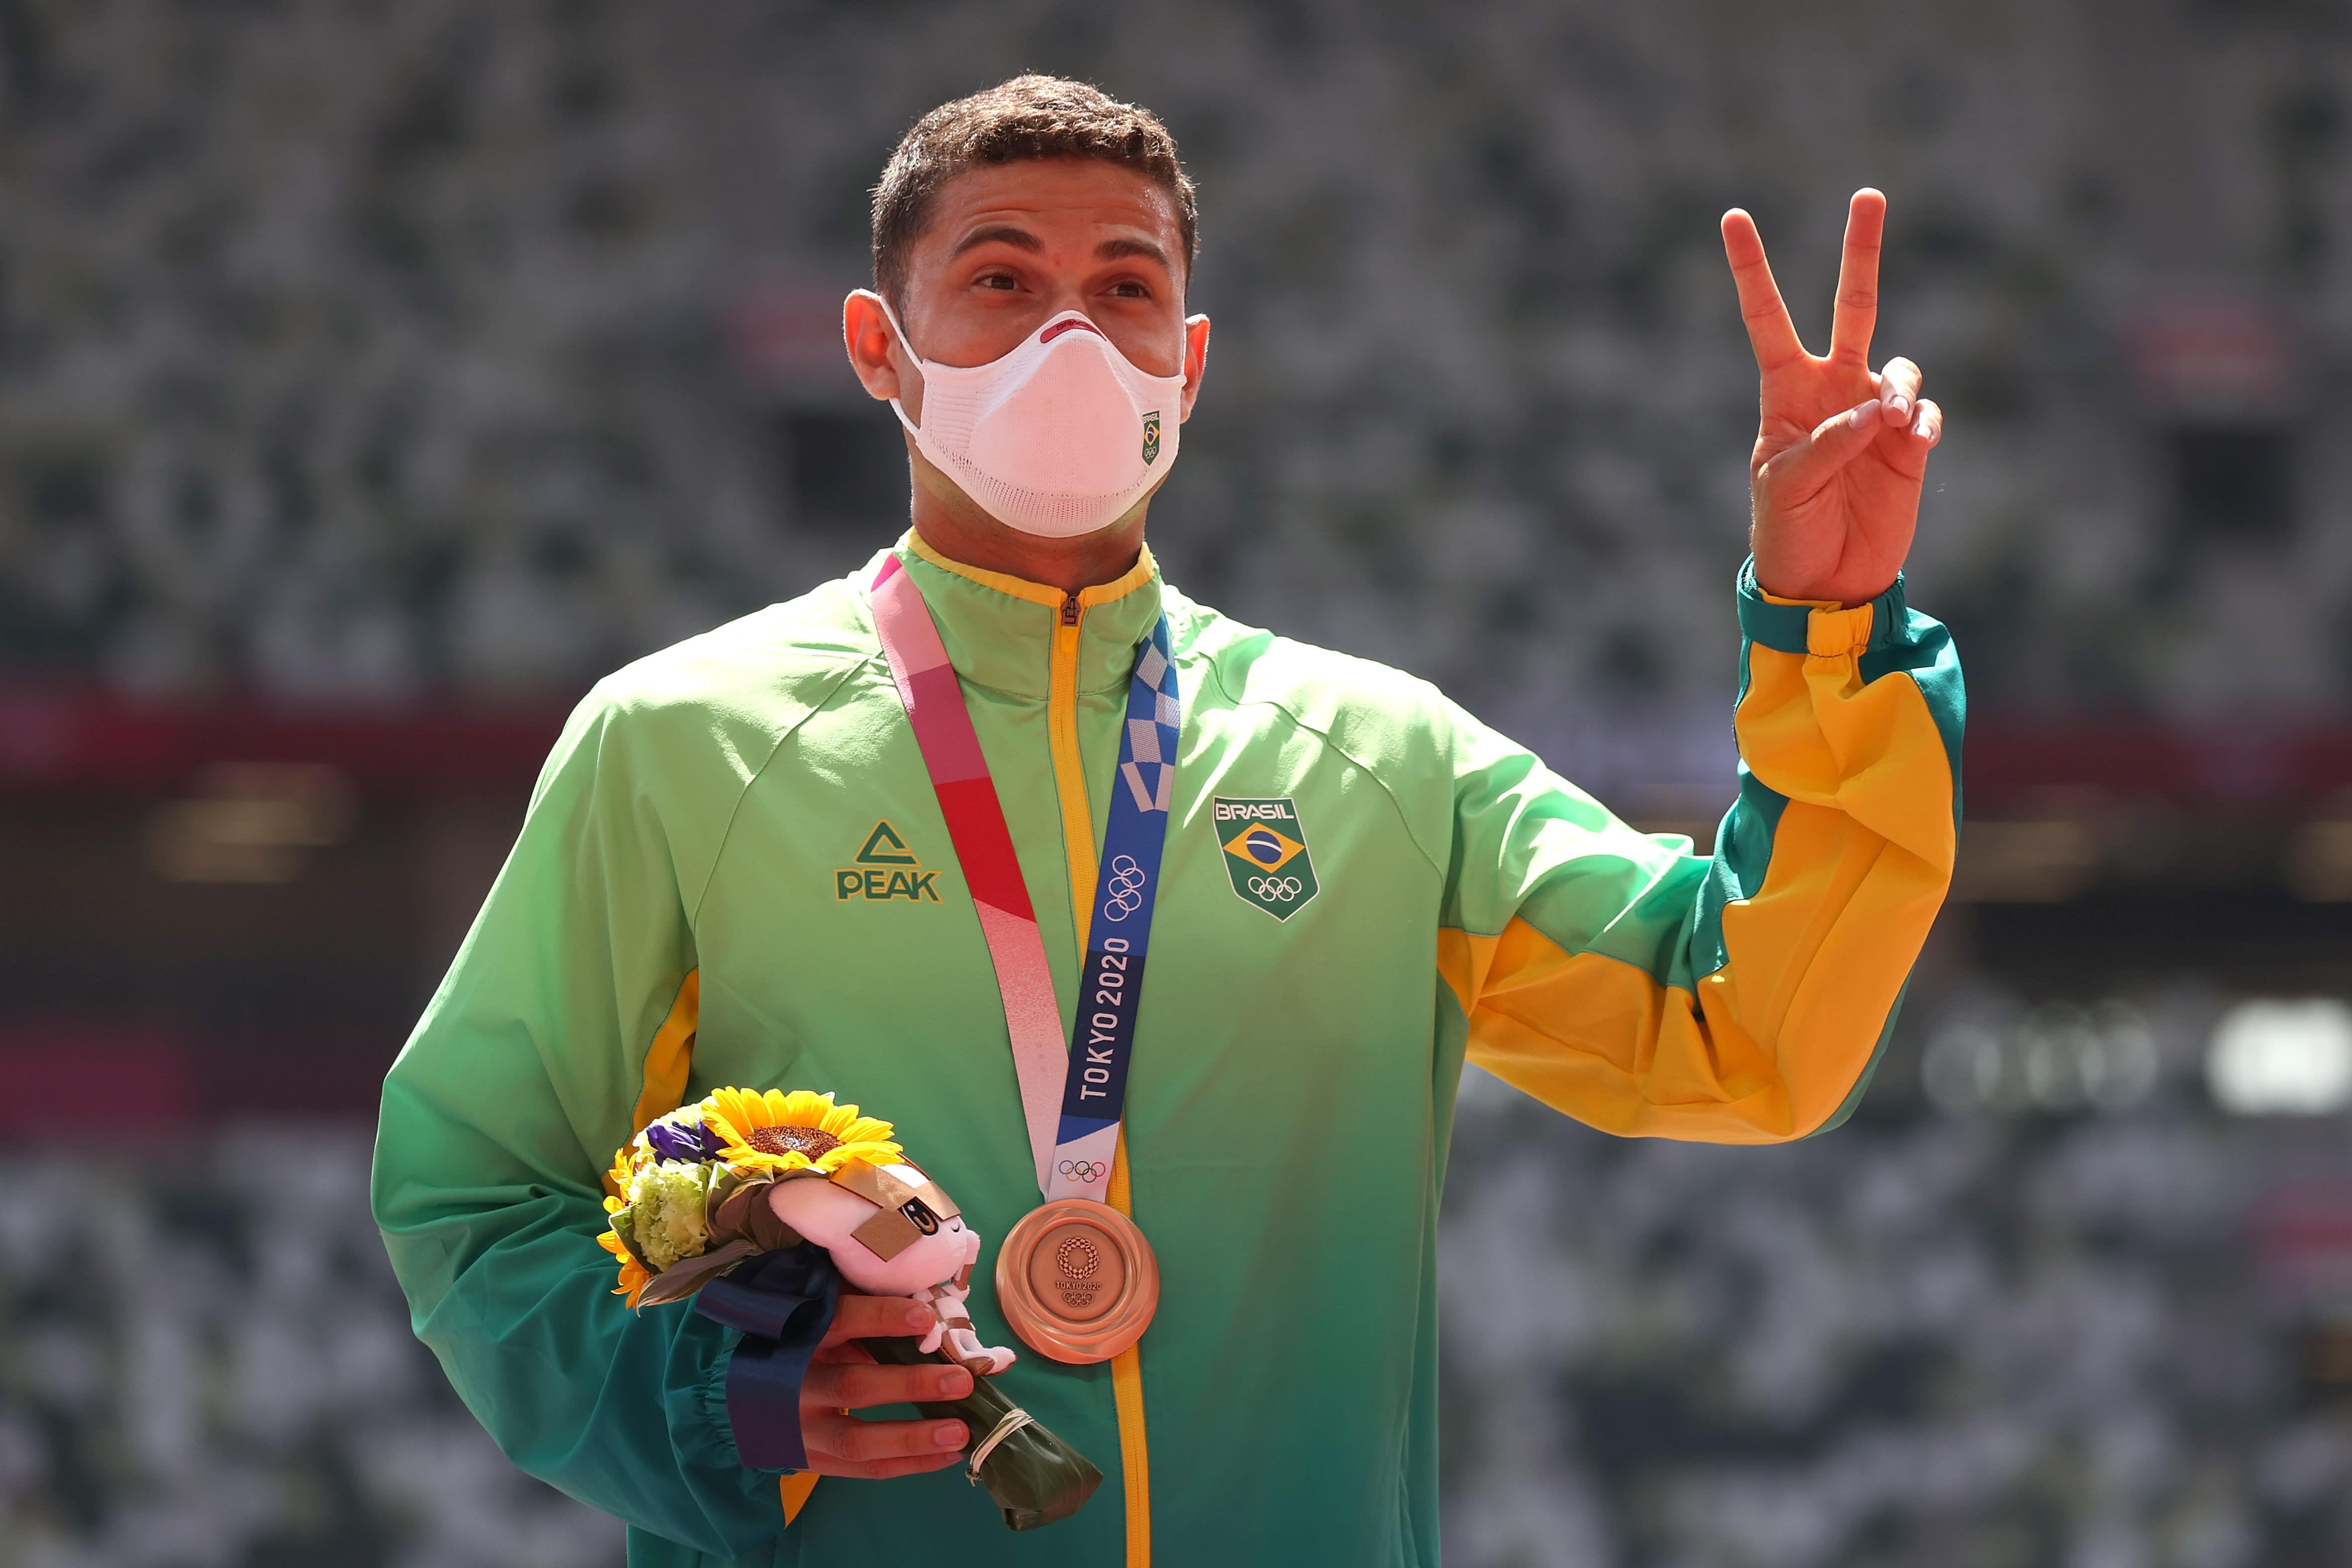 Thiago fazendo o sinal de vitória com a medalha de bronze no peito.